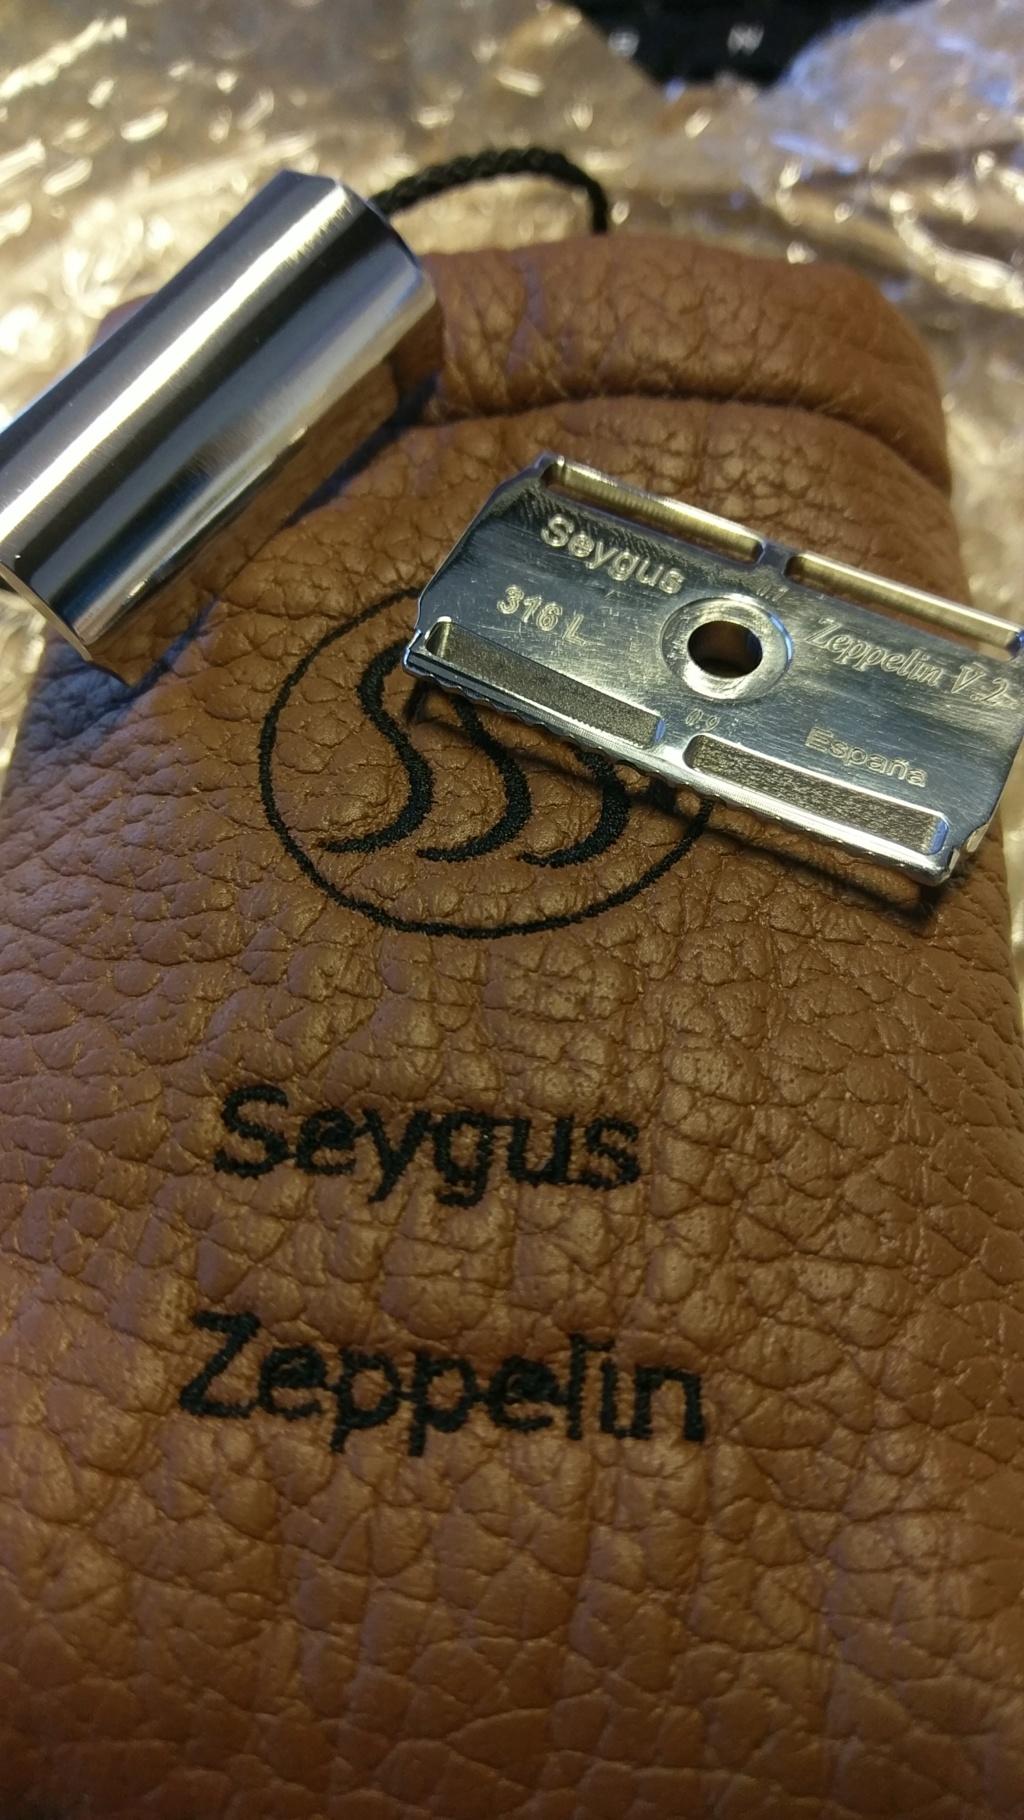 Du nouveau chez Seygus - Page 2 Imag4613